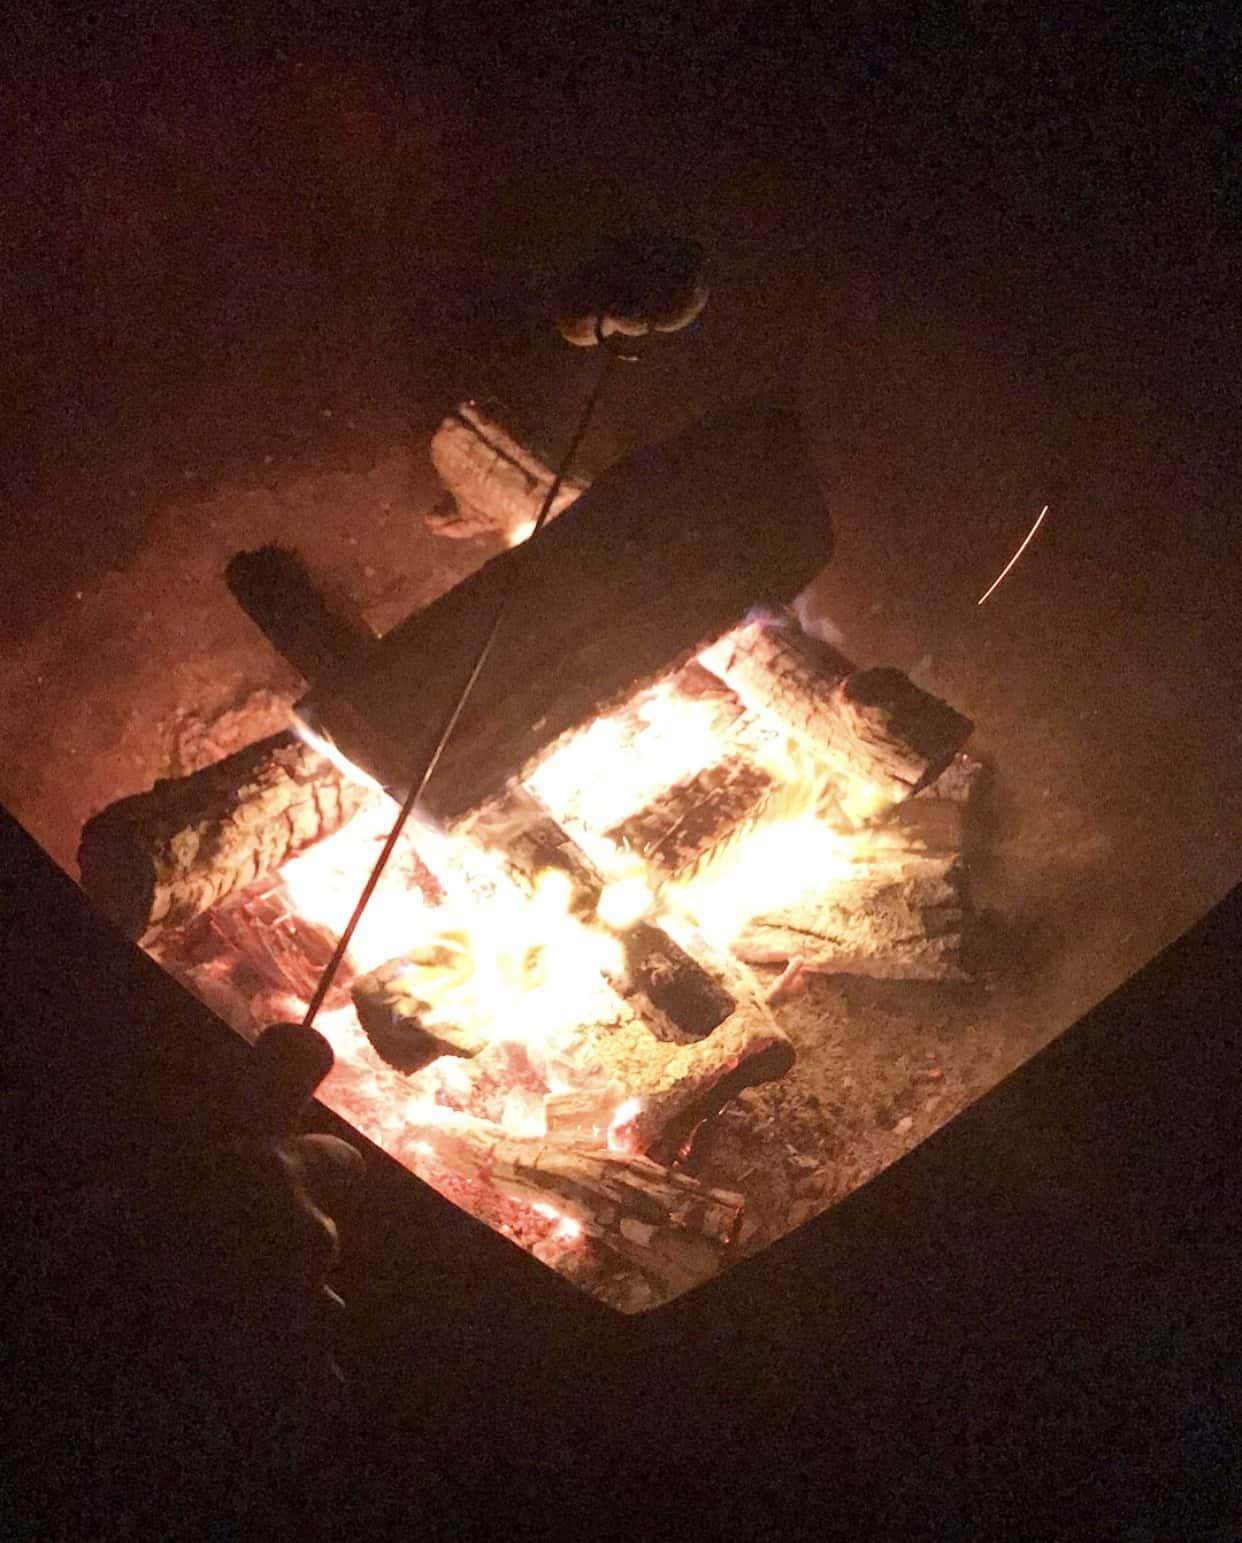 inns of aurora night bonfire